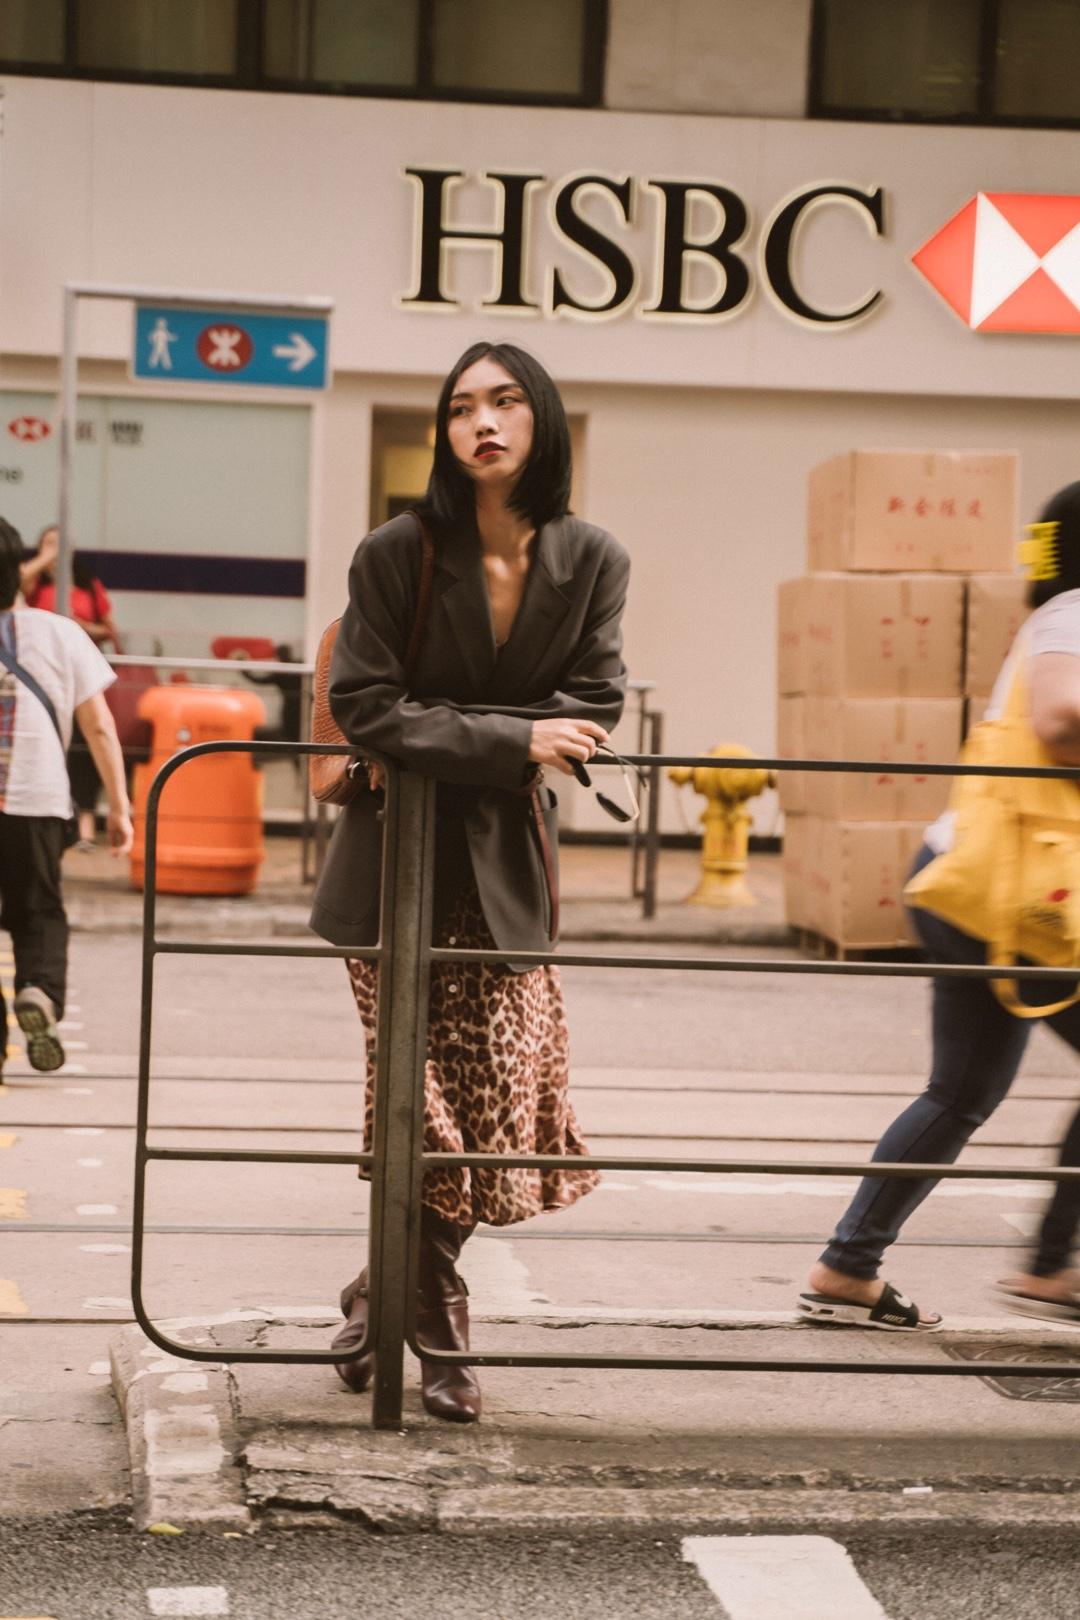 夏季的连衣裙也可以在秋冬天利用起来喔,在外面套上毛衣、大衣、西装外套都行,加上一跟腰带突出腰线位置,身材比例看起来不要太好啦~再配上一双过膝靴,保暖的同时,还能增加时髦度~#双11全网超值女神套装!#